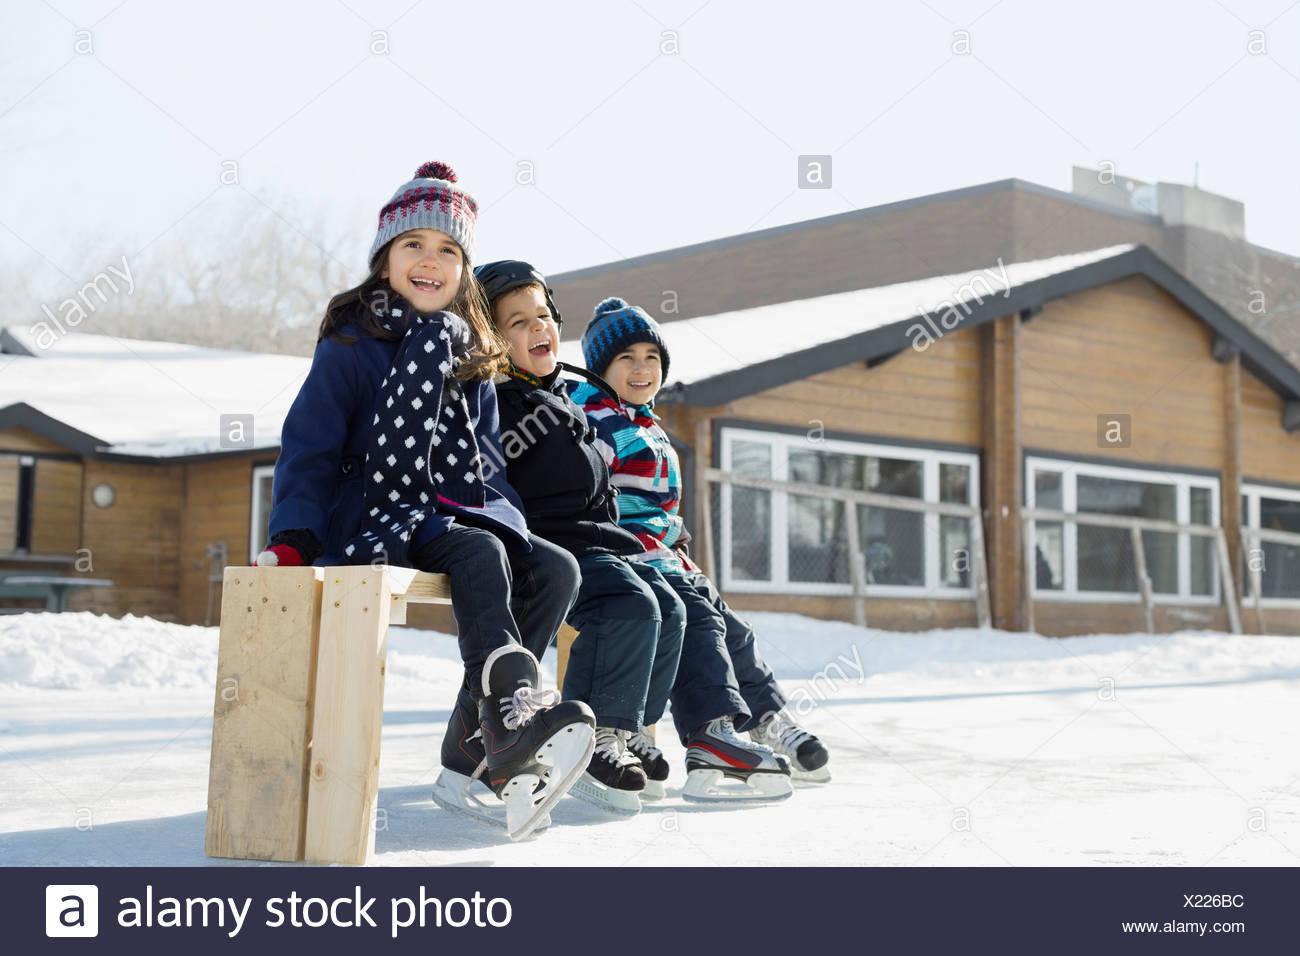 Frères et soeurs assis sur le banc de la patinoire Photo Stock